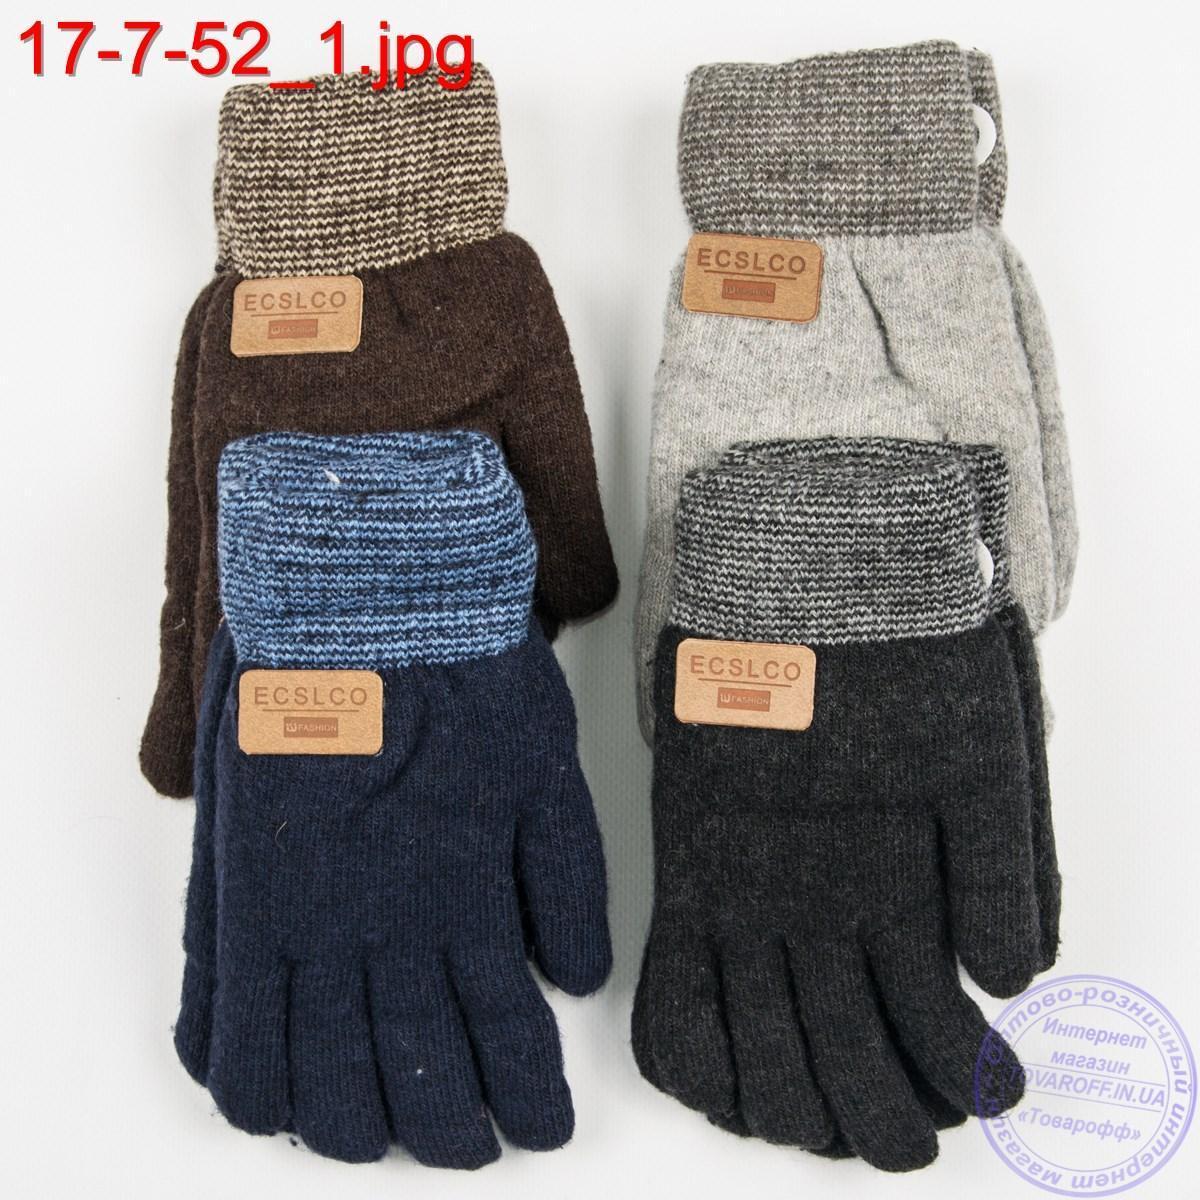 Подростковые двойные перчатки для мальчиков 7, 8, 9, 10 лет - №17-7-52